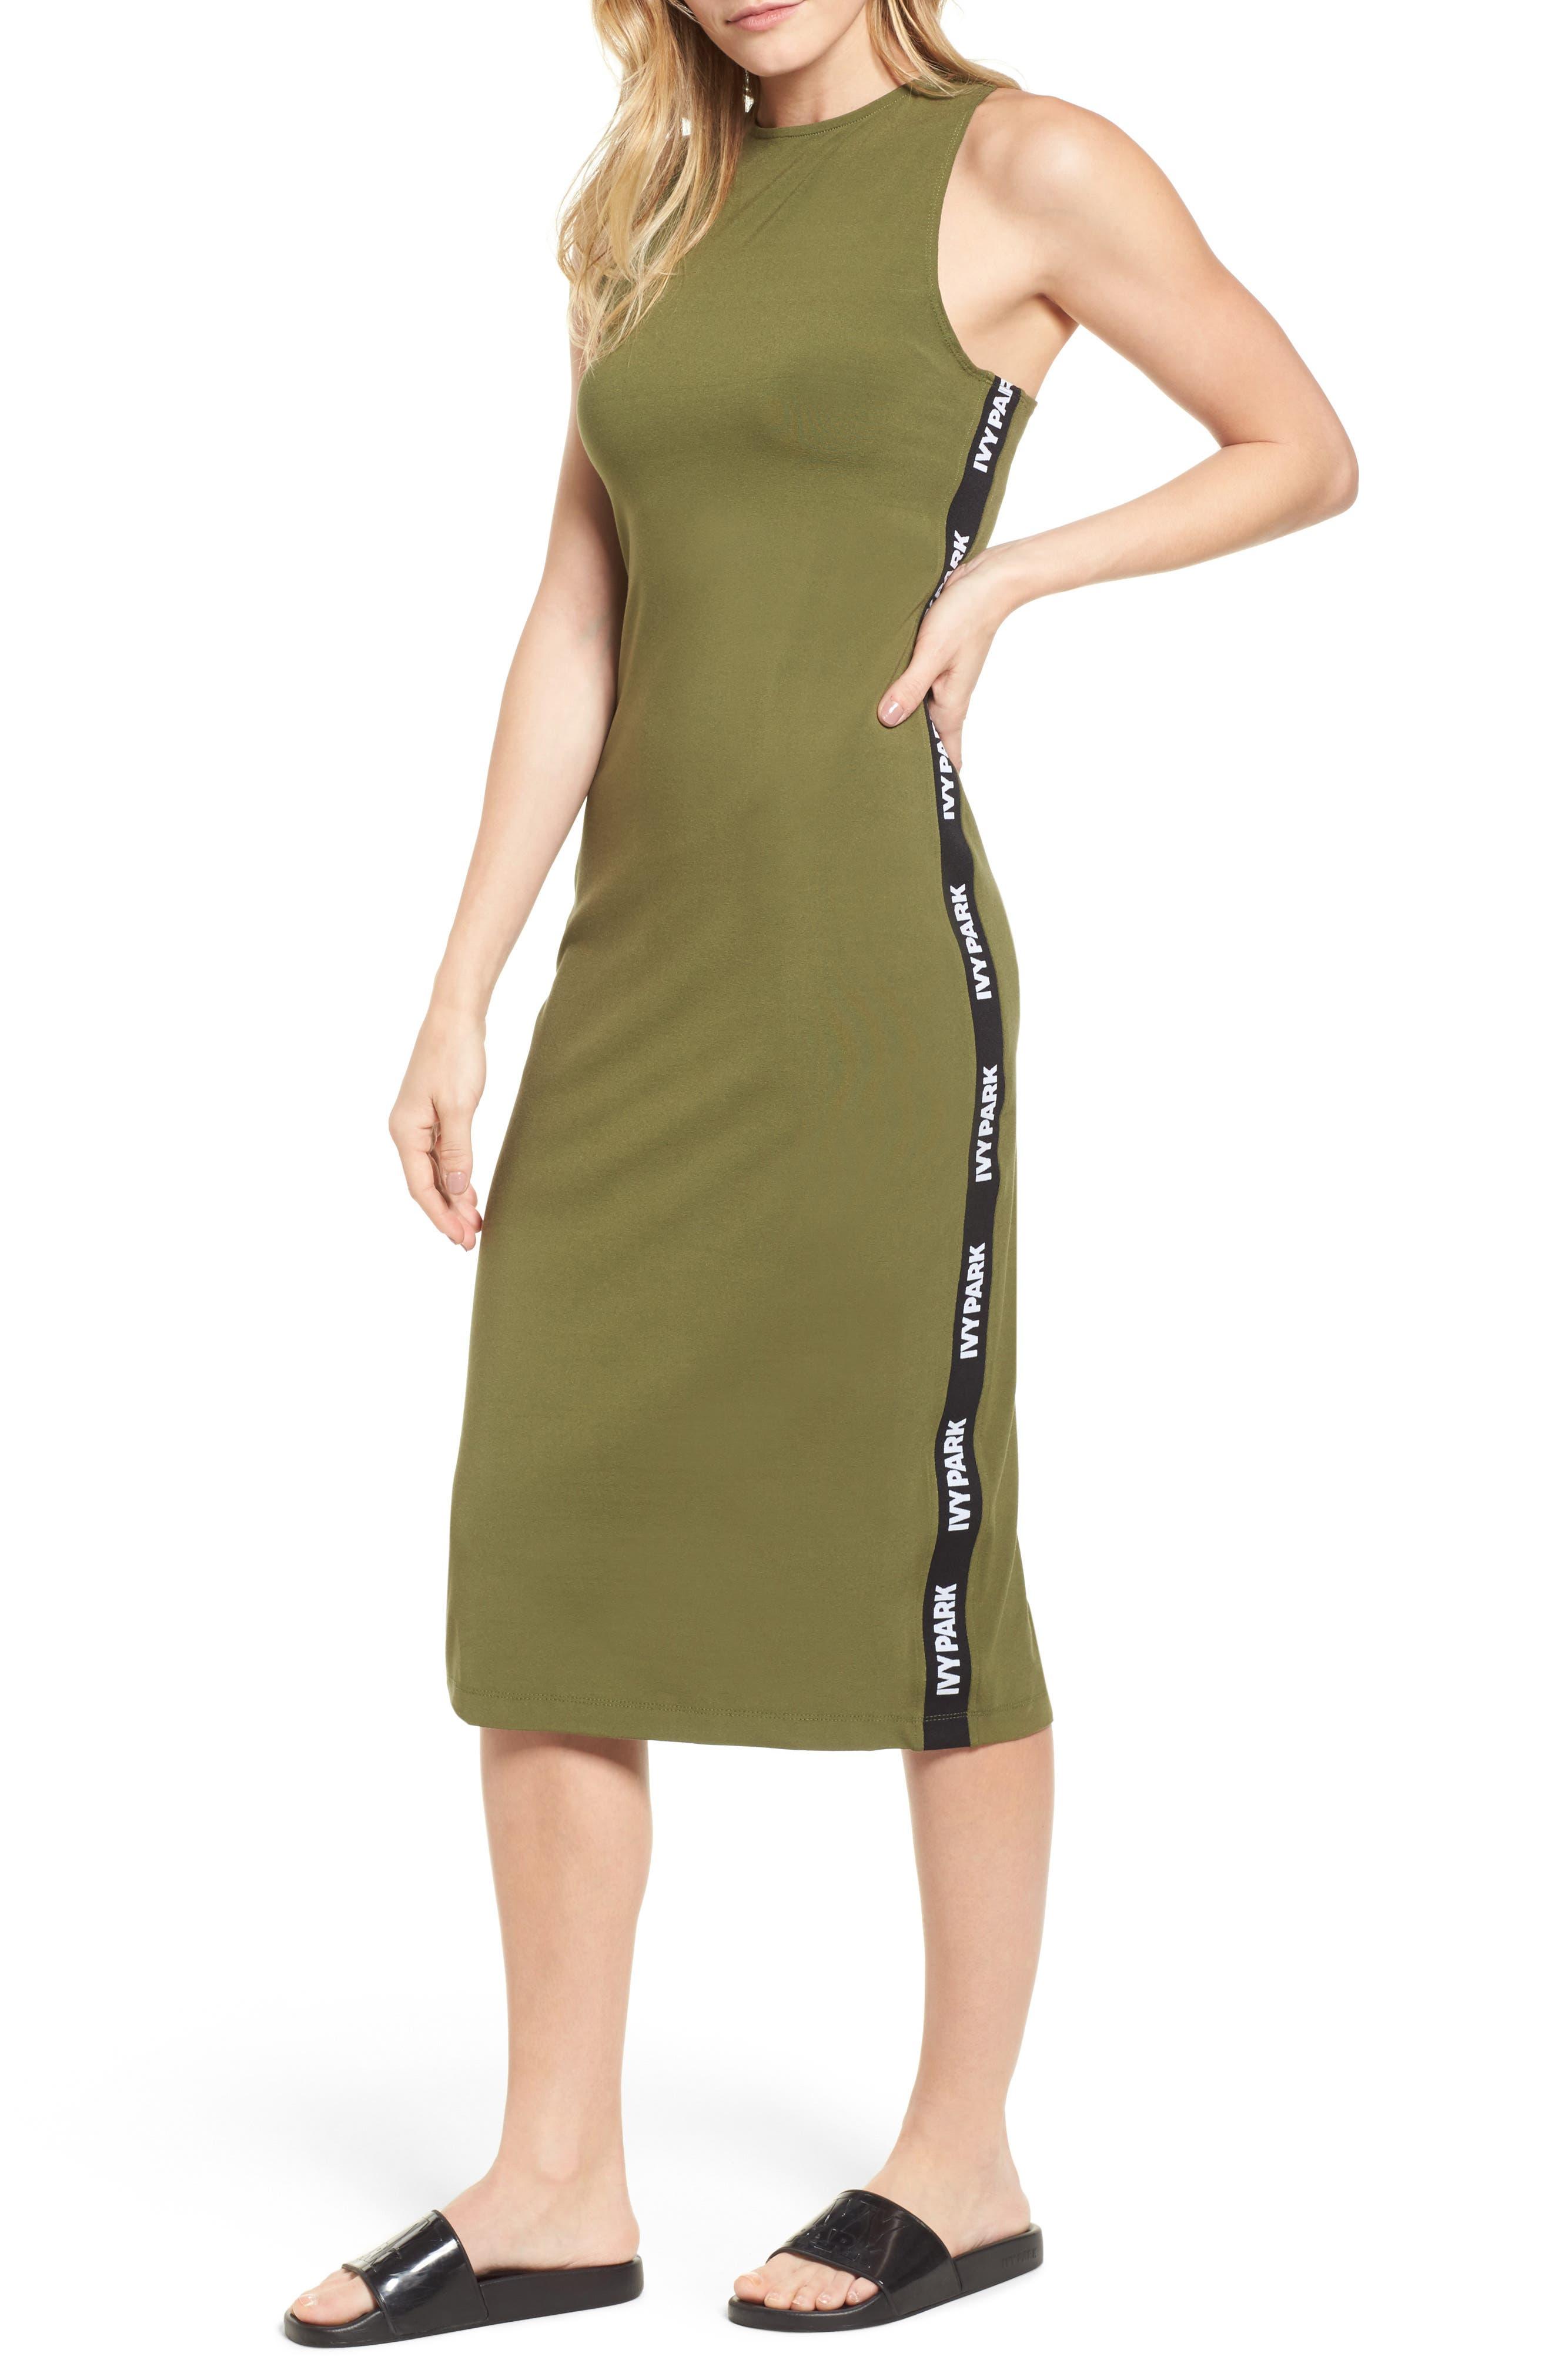 Main Image - IVY PARK® Logo Tape Dress